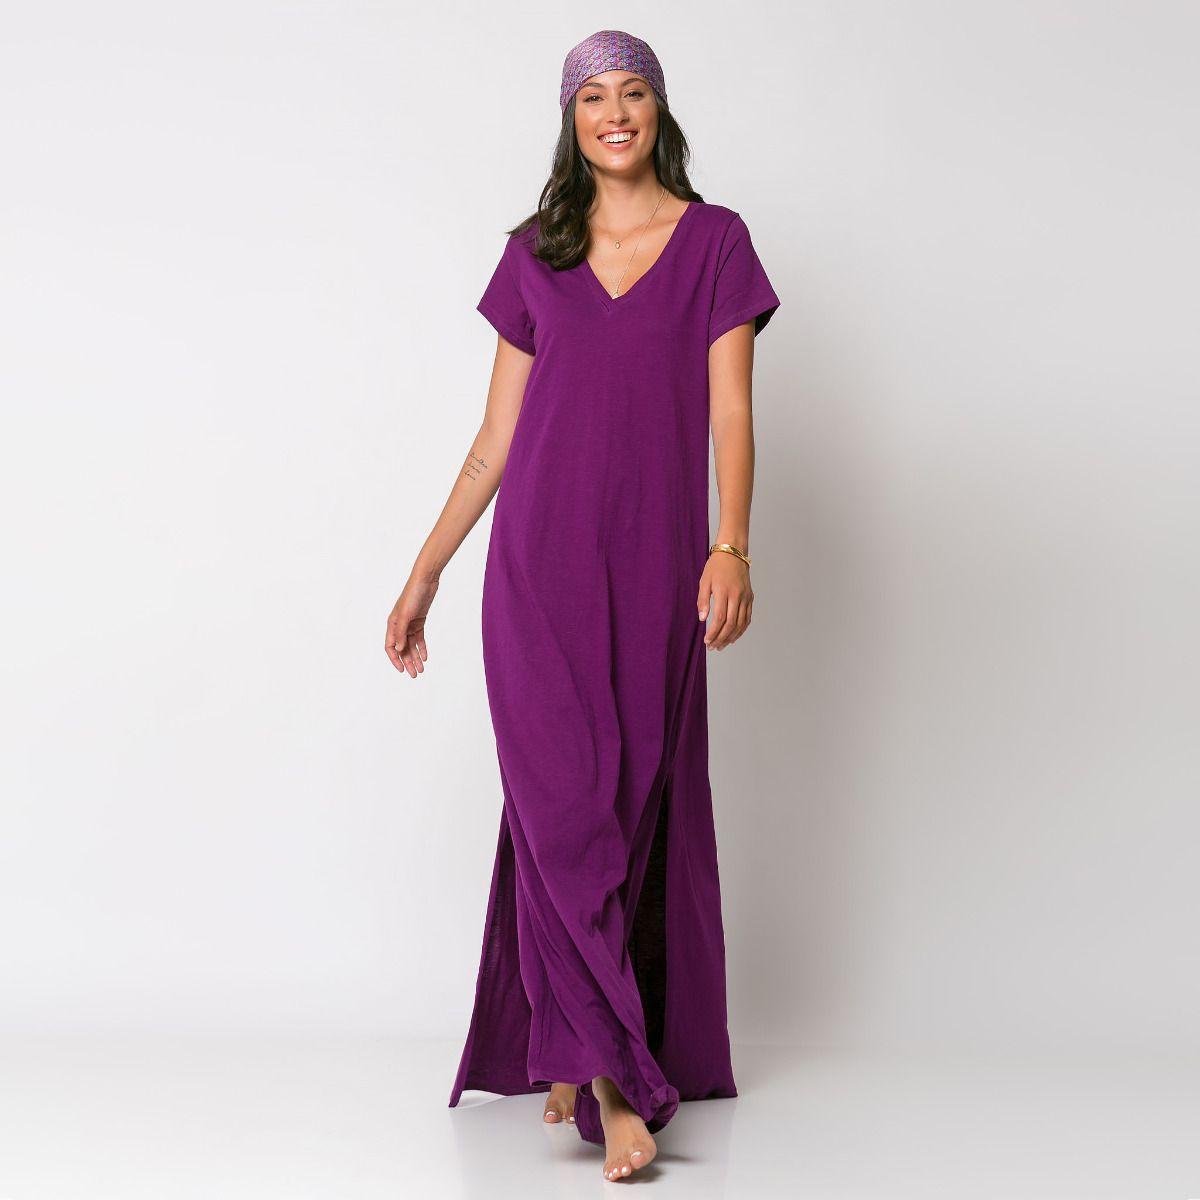 Μάξι φόρεμα με V λαιμόκοψη